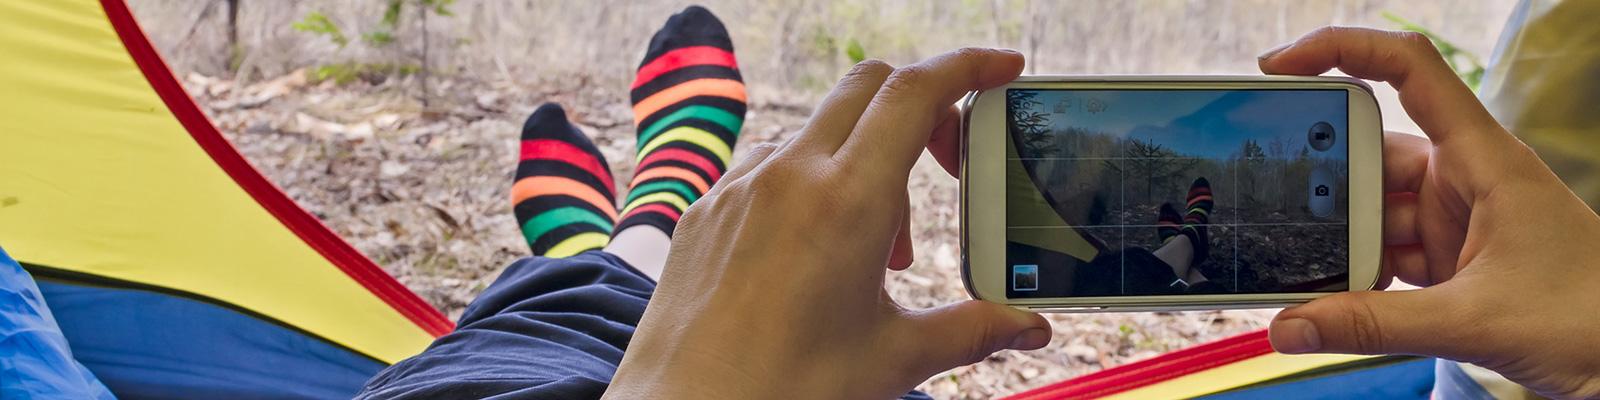 携帯電話 カメラ